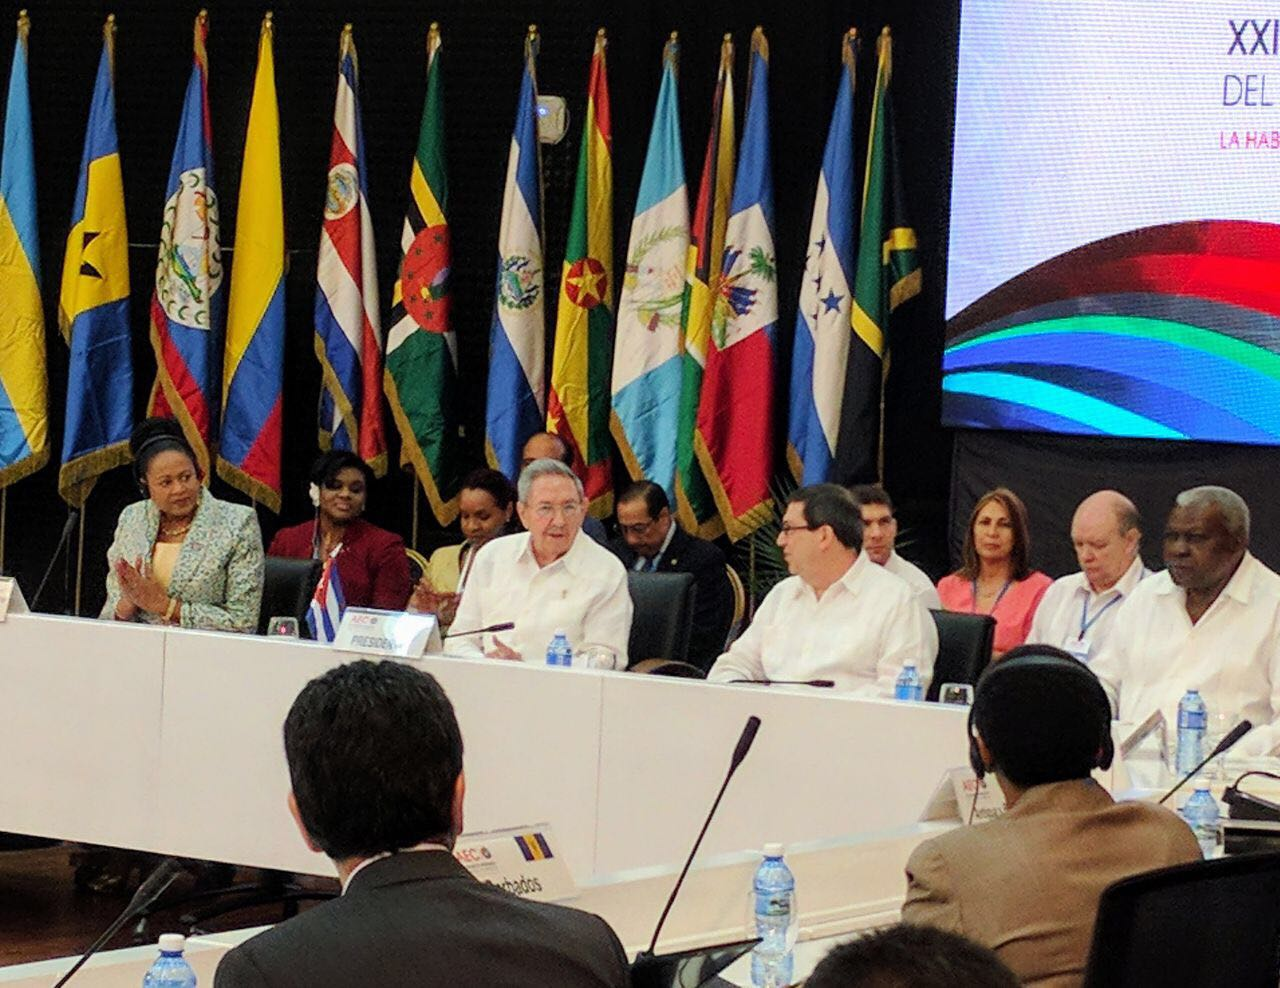 /cms/uploads/image/file/260323/FOTO_03_El_Titular_de_la_SRE_particip__en_La_Habana_en_la_Reuni_n_del_Consejo_de_Ministros_de_la_Asociaci_n_de_Estados_del_Caribe.jpeg